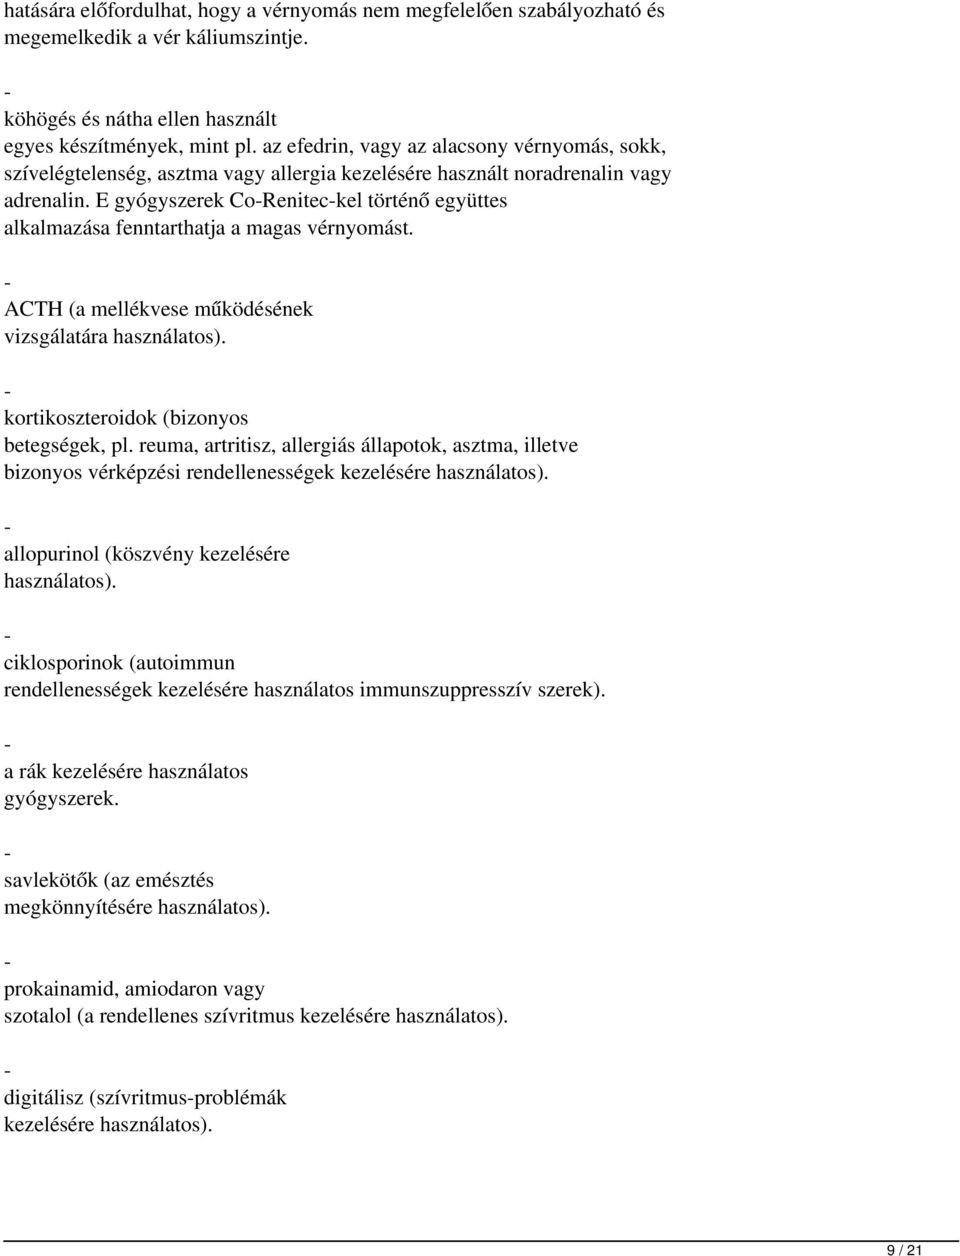 magas vérnyomás elleni gyógyszer asztma kezelésére)